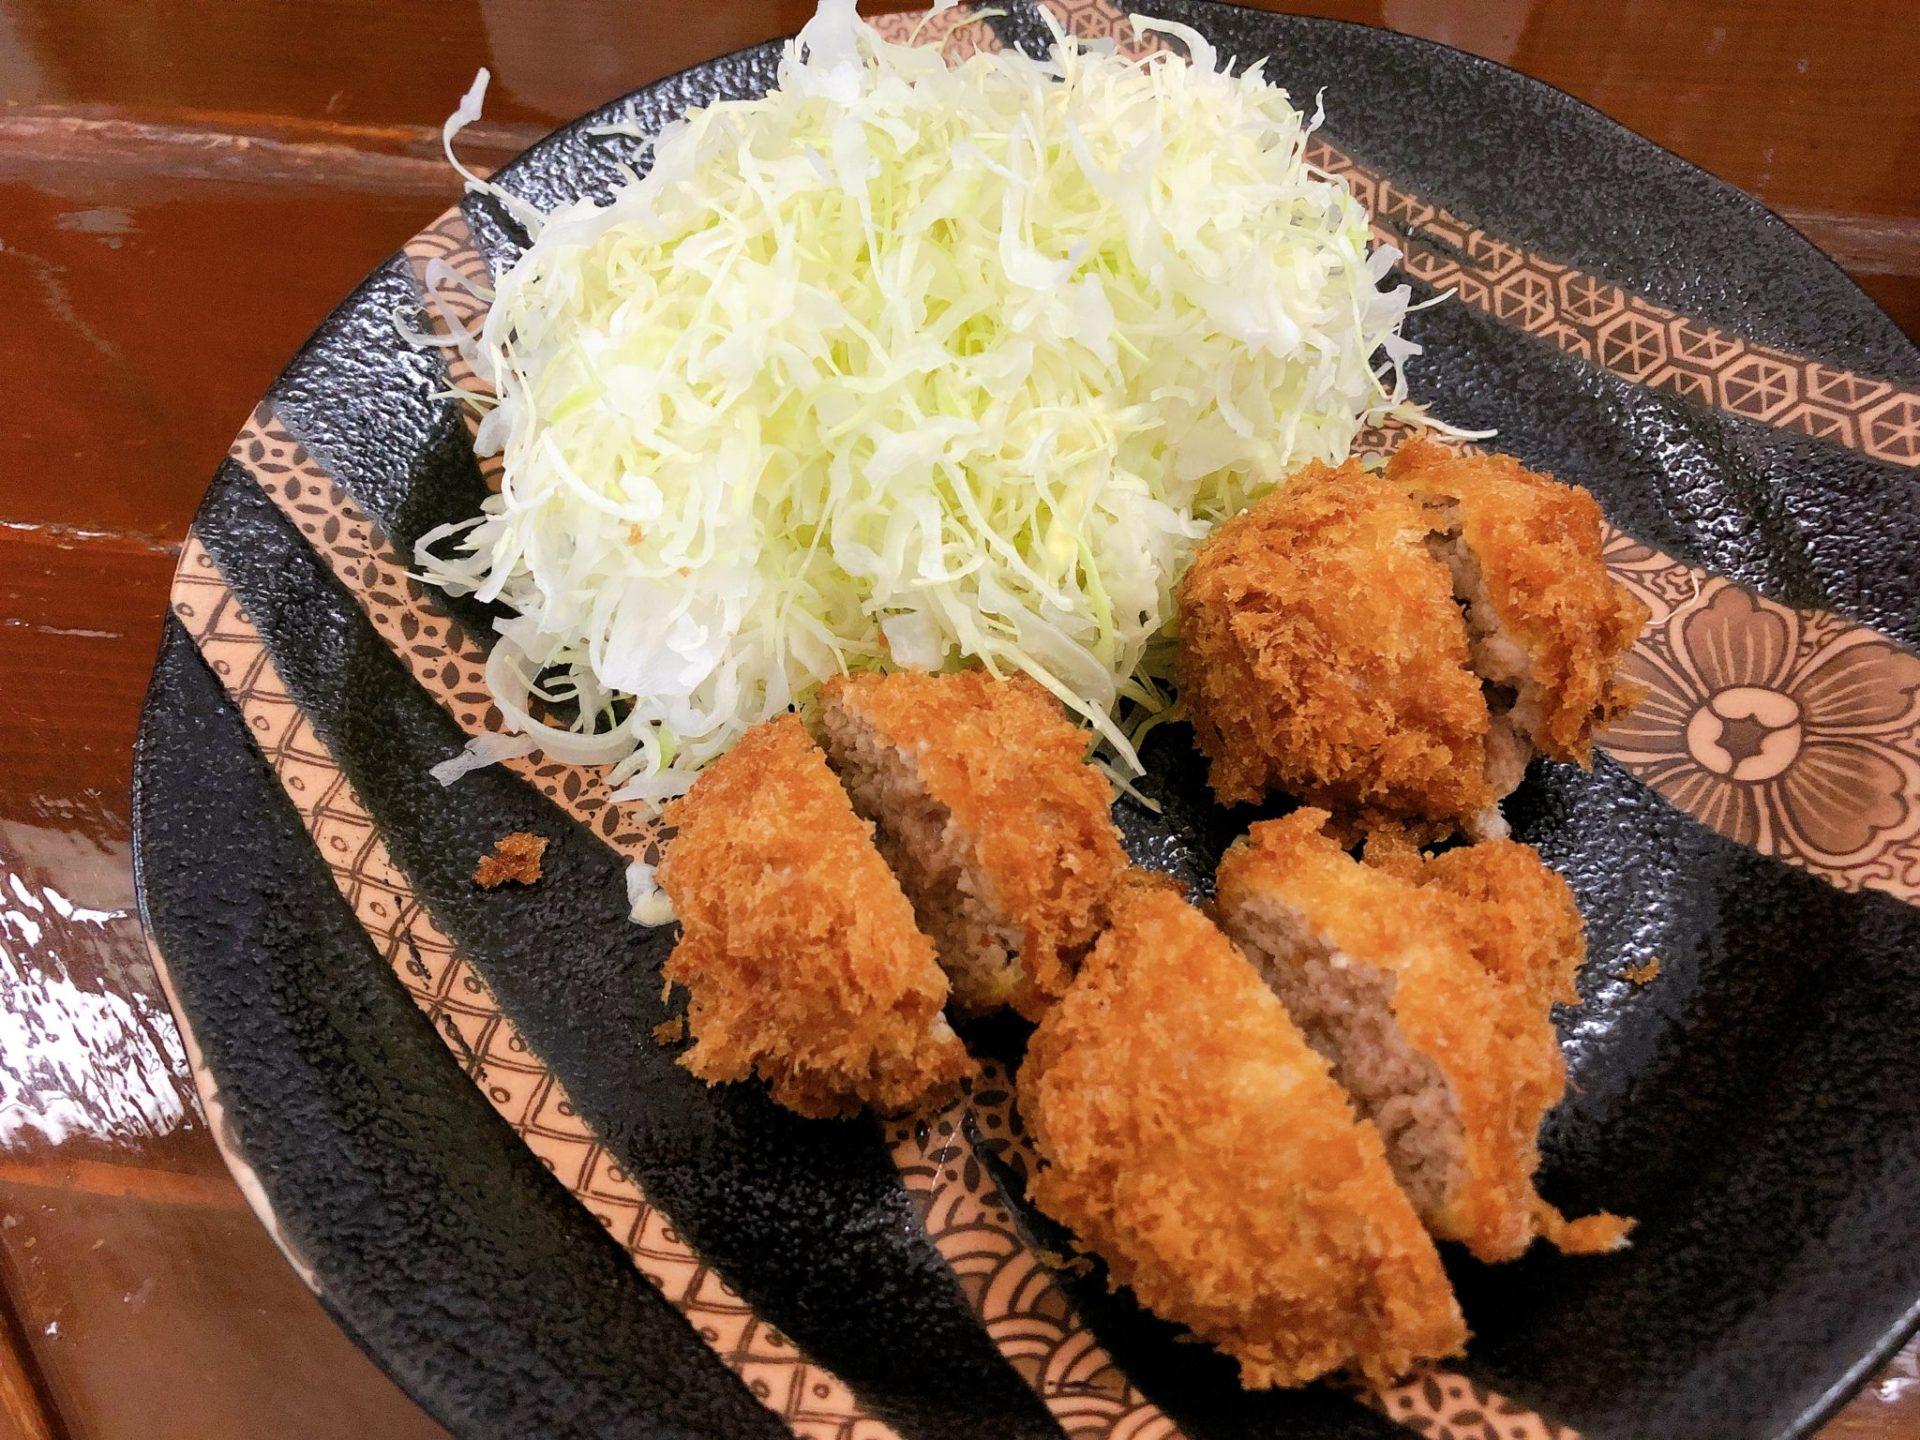 とんかつ椿 成城のまるかつ定食